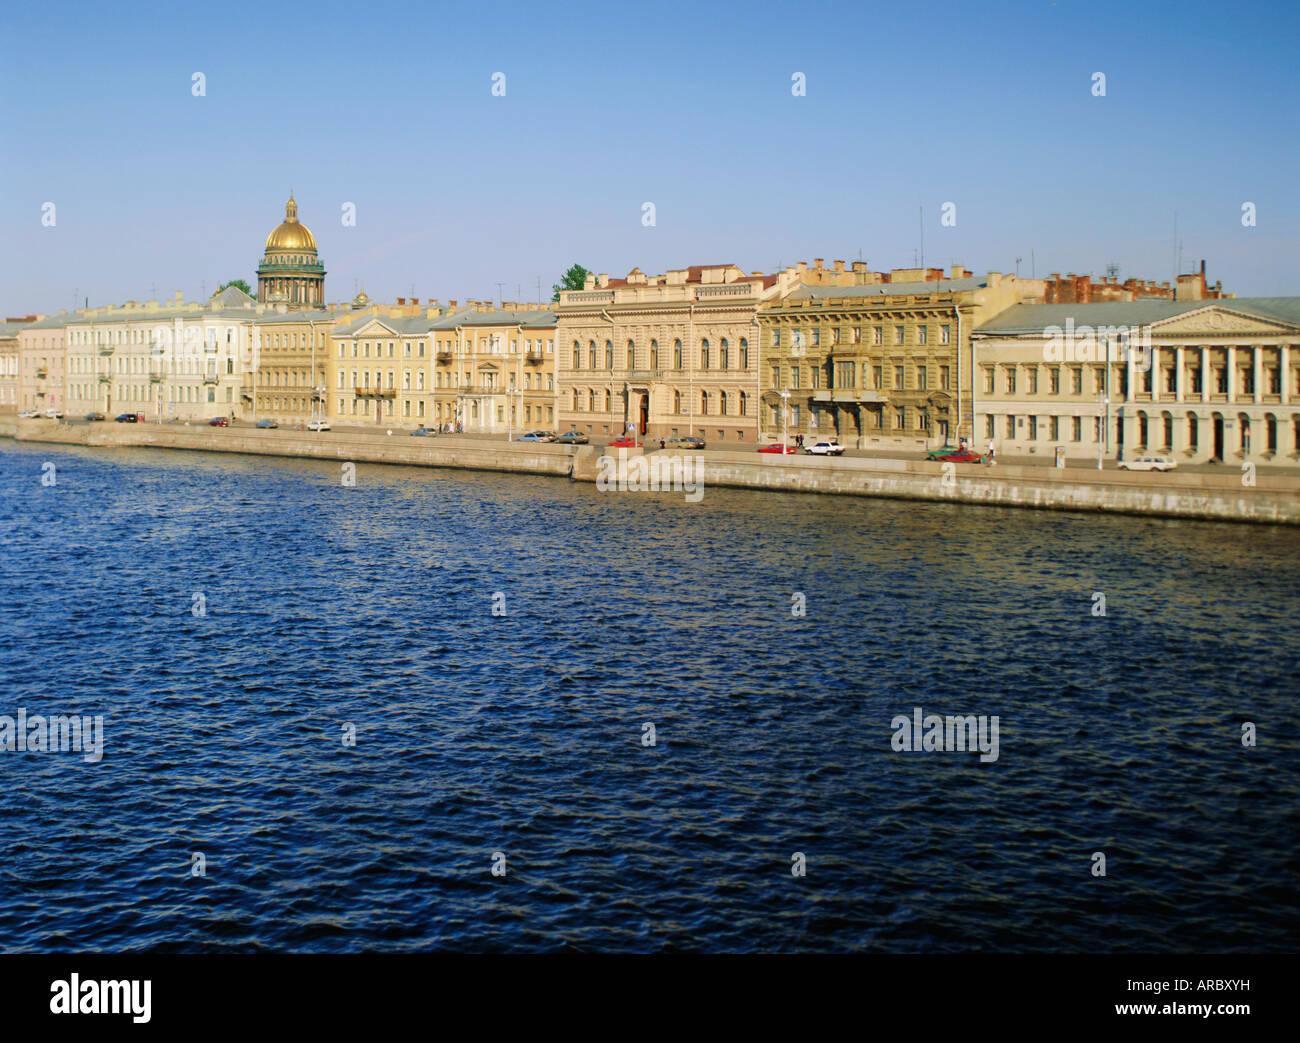 Newa, englische Kai und Skyline, St. Petersburg, Russland, Europa Stockbild